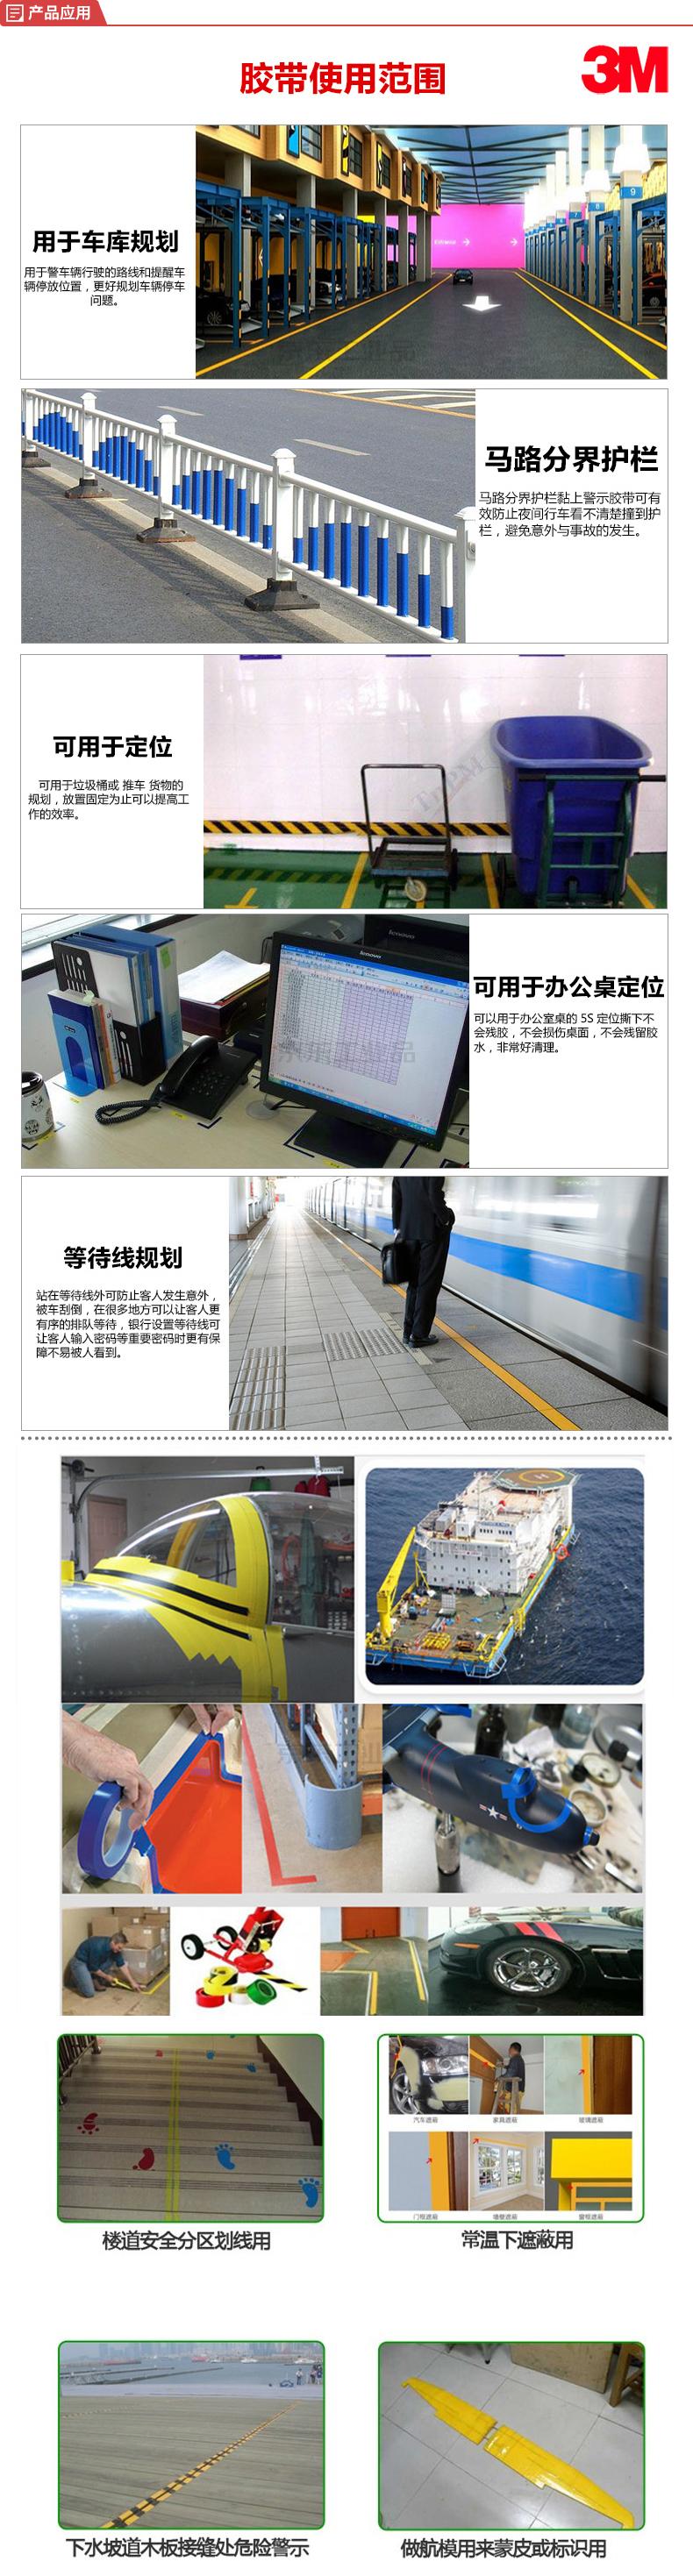 3M 471 黄色贴地警示胶带50mmX33m(最大分切宽度1238.25mm),5卷/盒;XI003926569-50